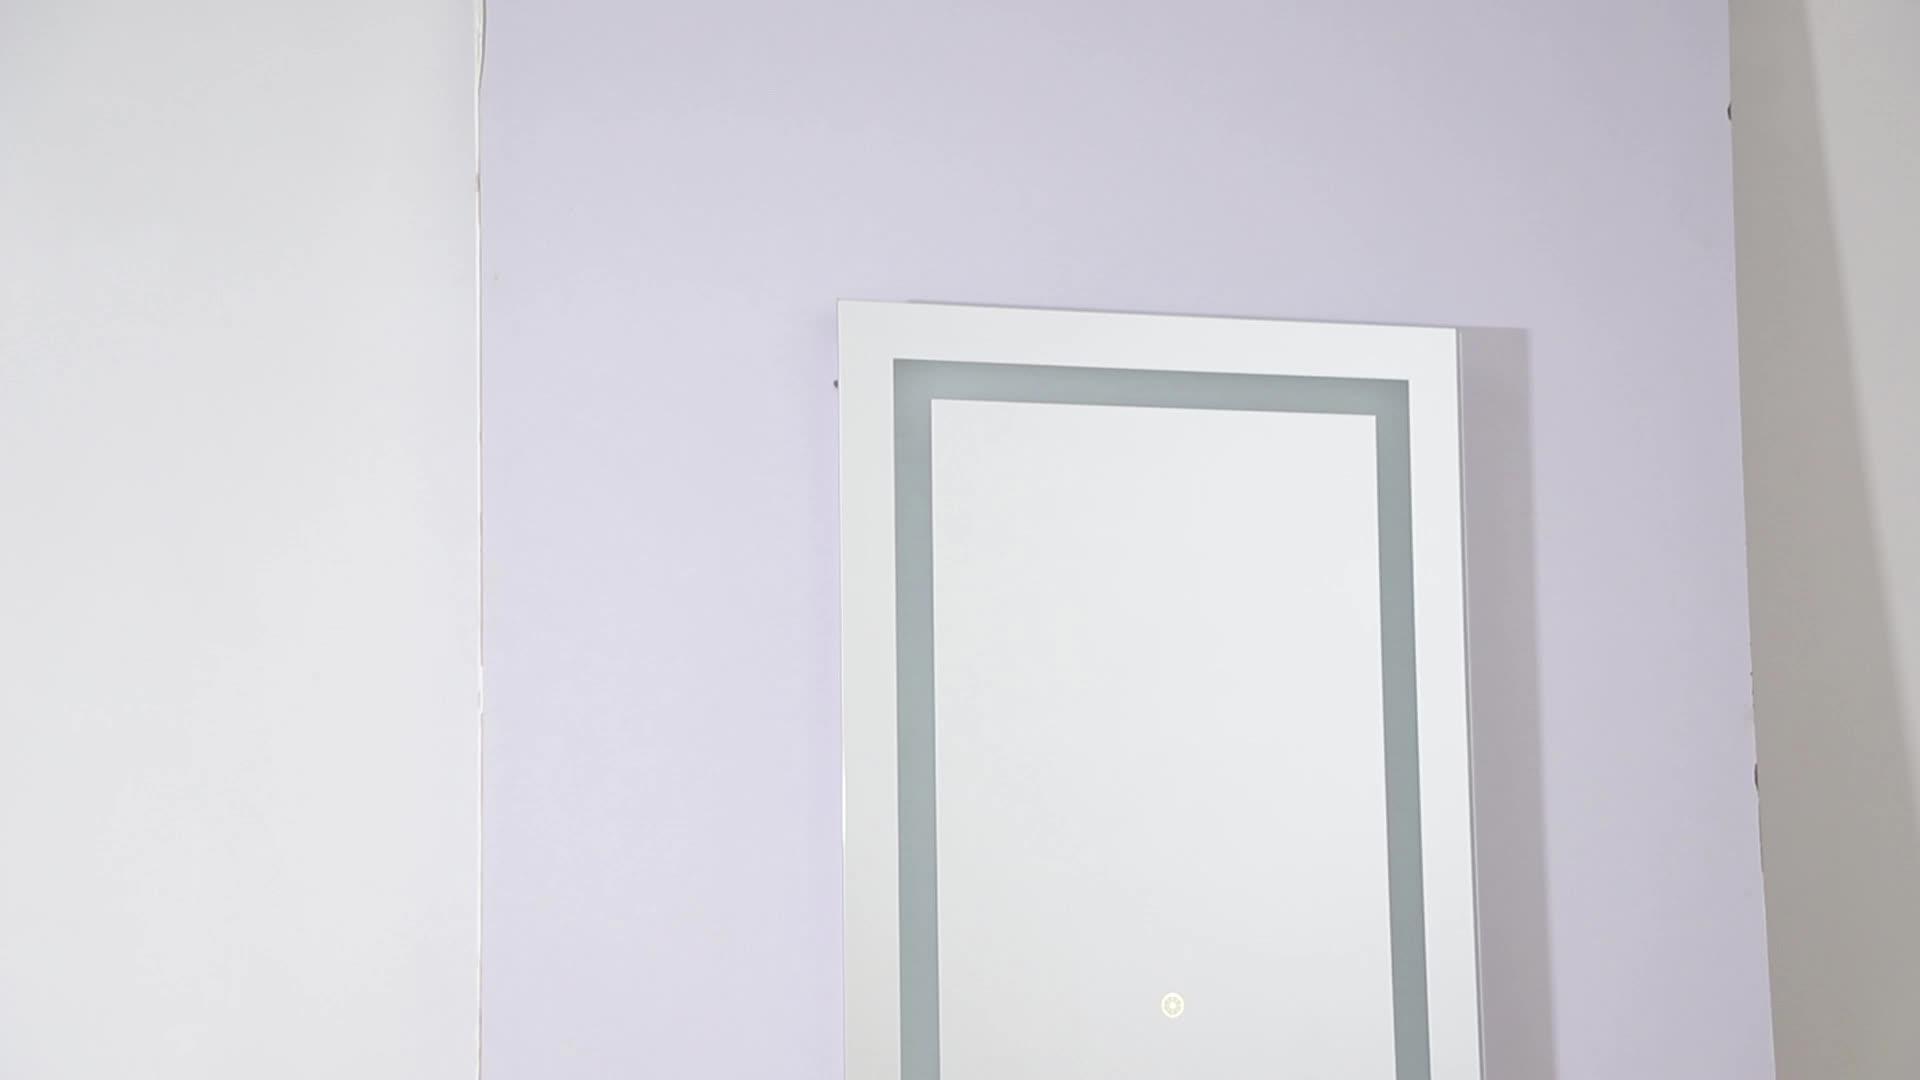 С подсветкой сенсор переключатель ванная комната зеркало прилагается настенное зеркало светодио дный светодиодной подсветкой